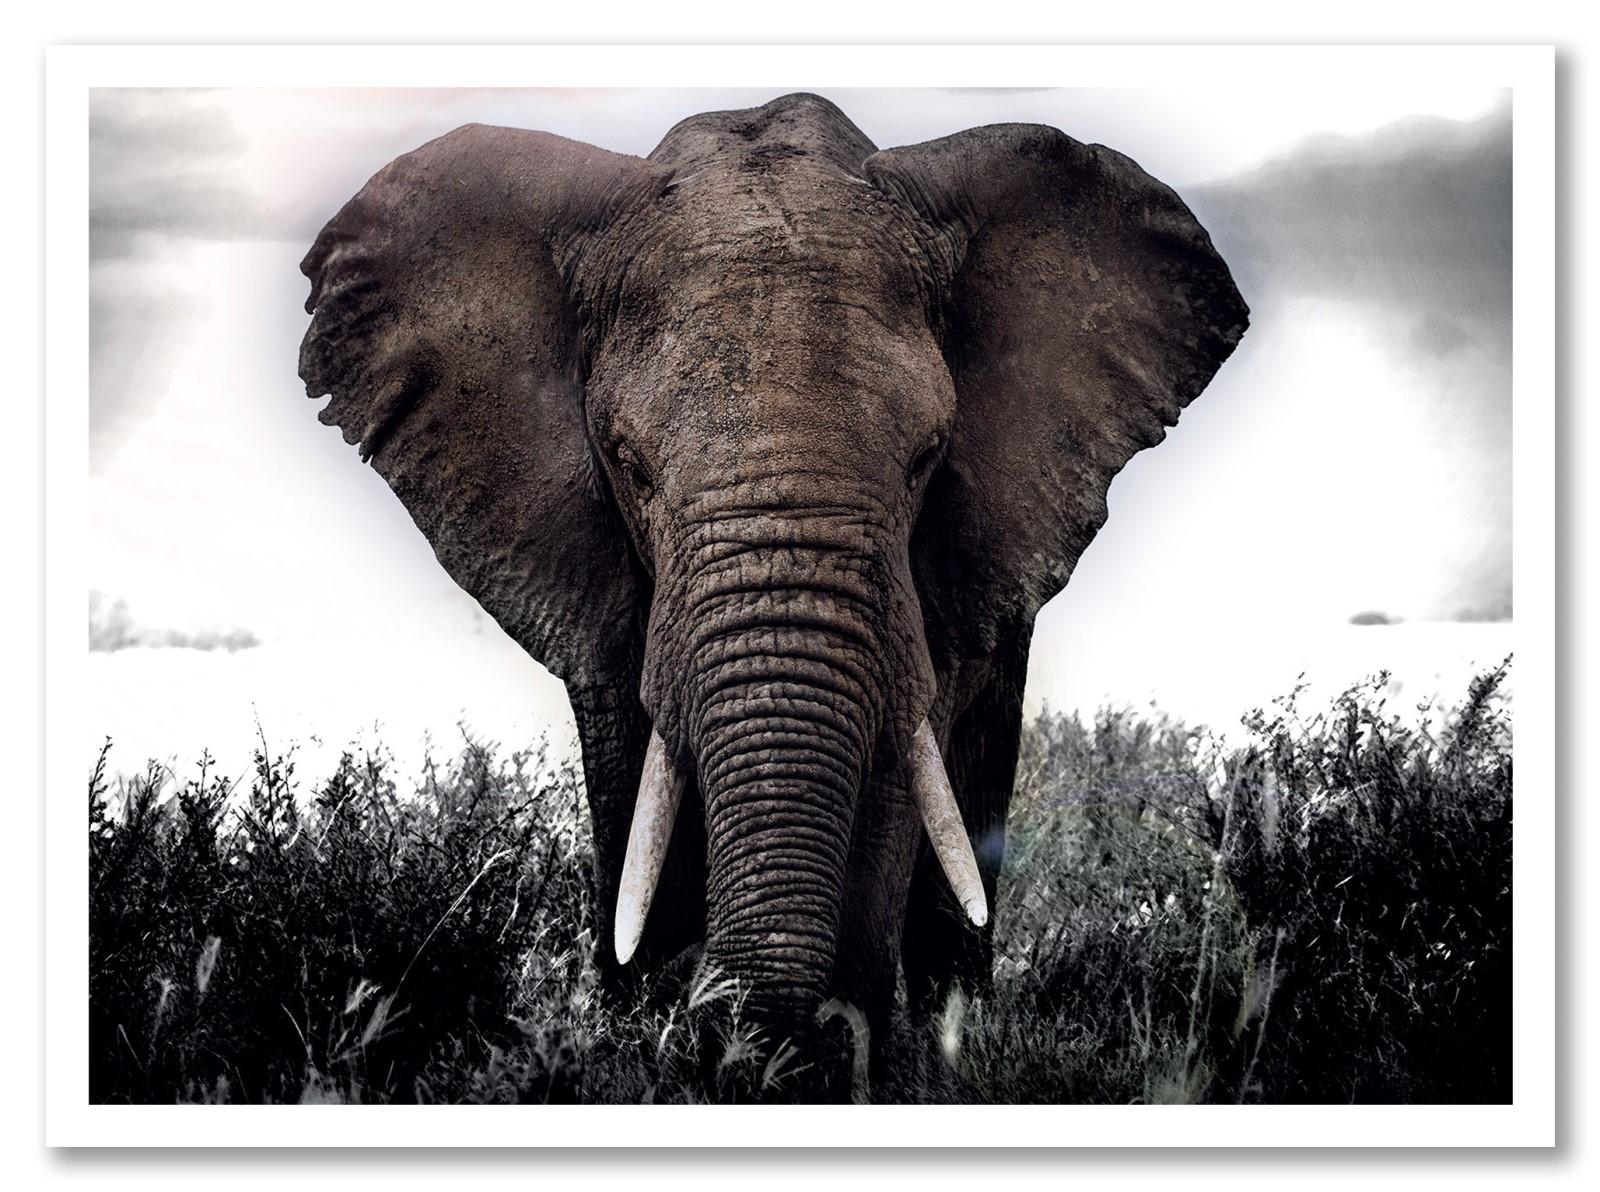 Animaux - Elephant